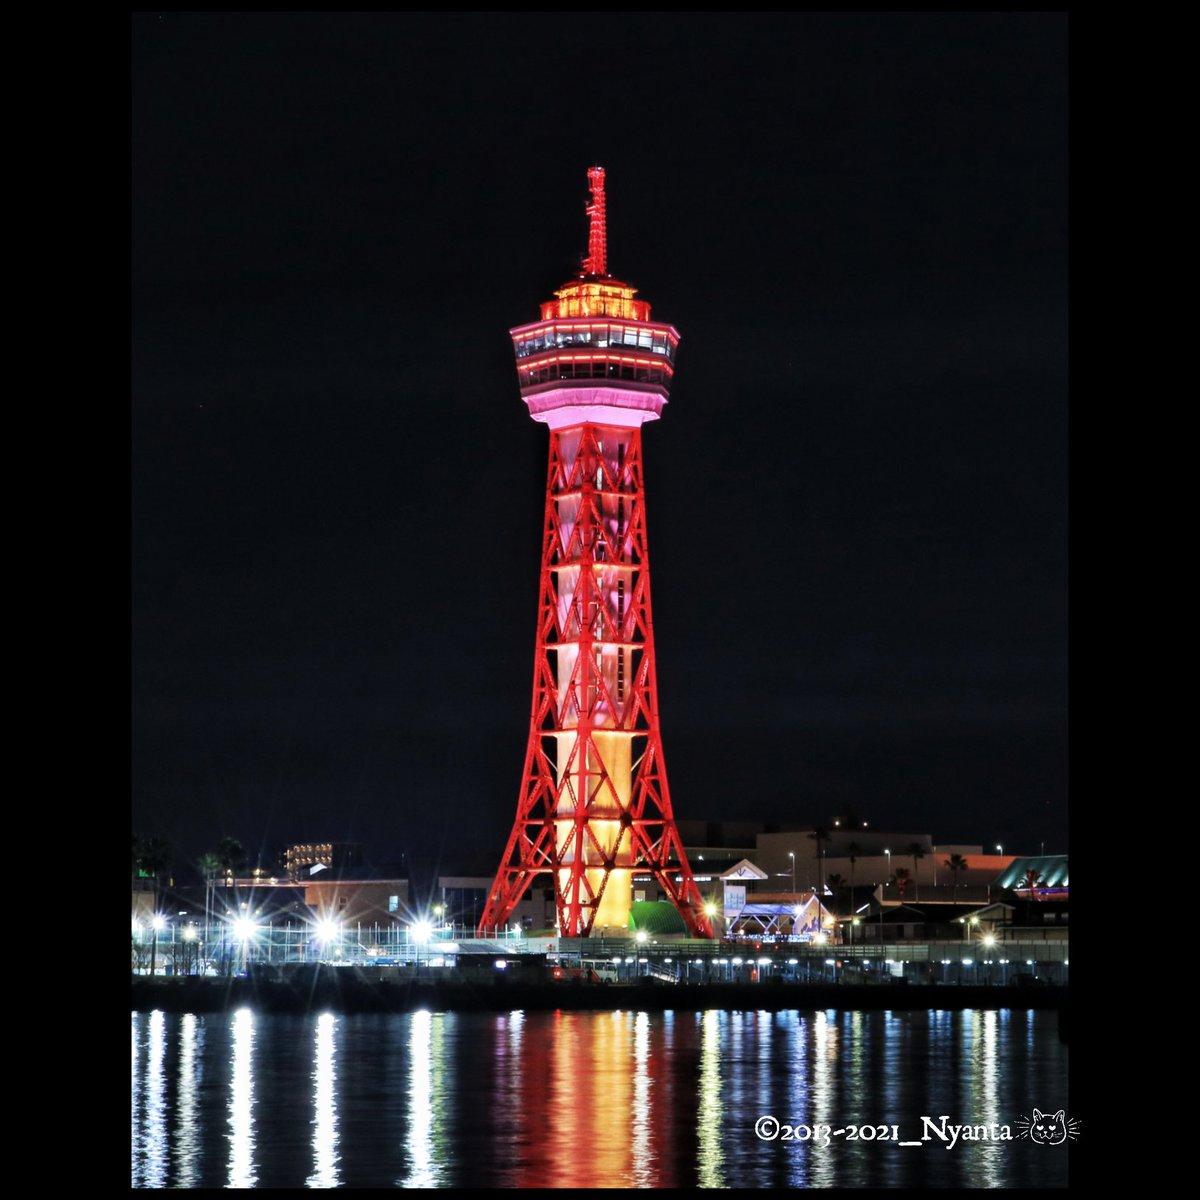 緊急事態宣言下の福岡 赤く灯された  #博多ポートタワー 🗼  #夜景 #夜空 #ダレカニミセタイケシキ #写真を止めるな #写真好きな人と繋がりたい #ファインダー越しの私の世界 https://t.co/UKLnmy25rF